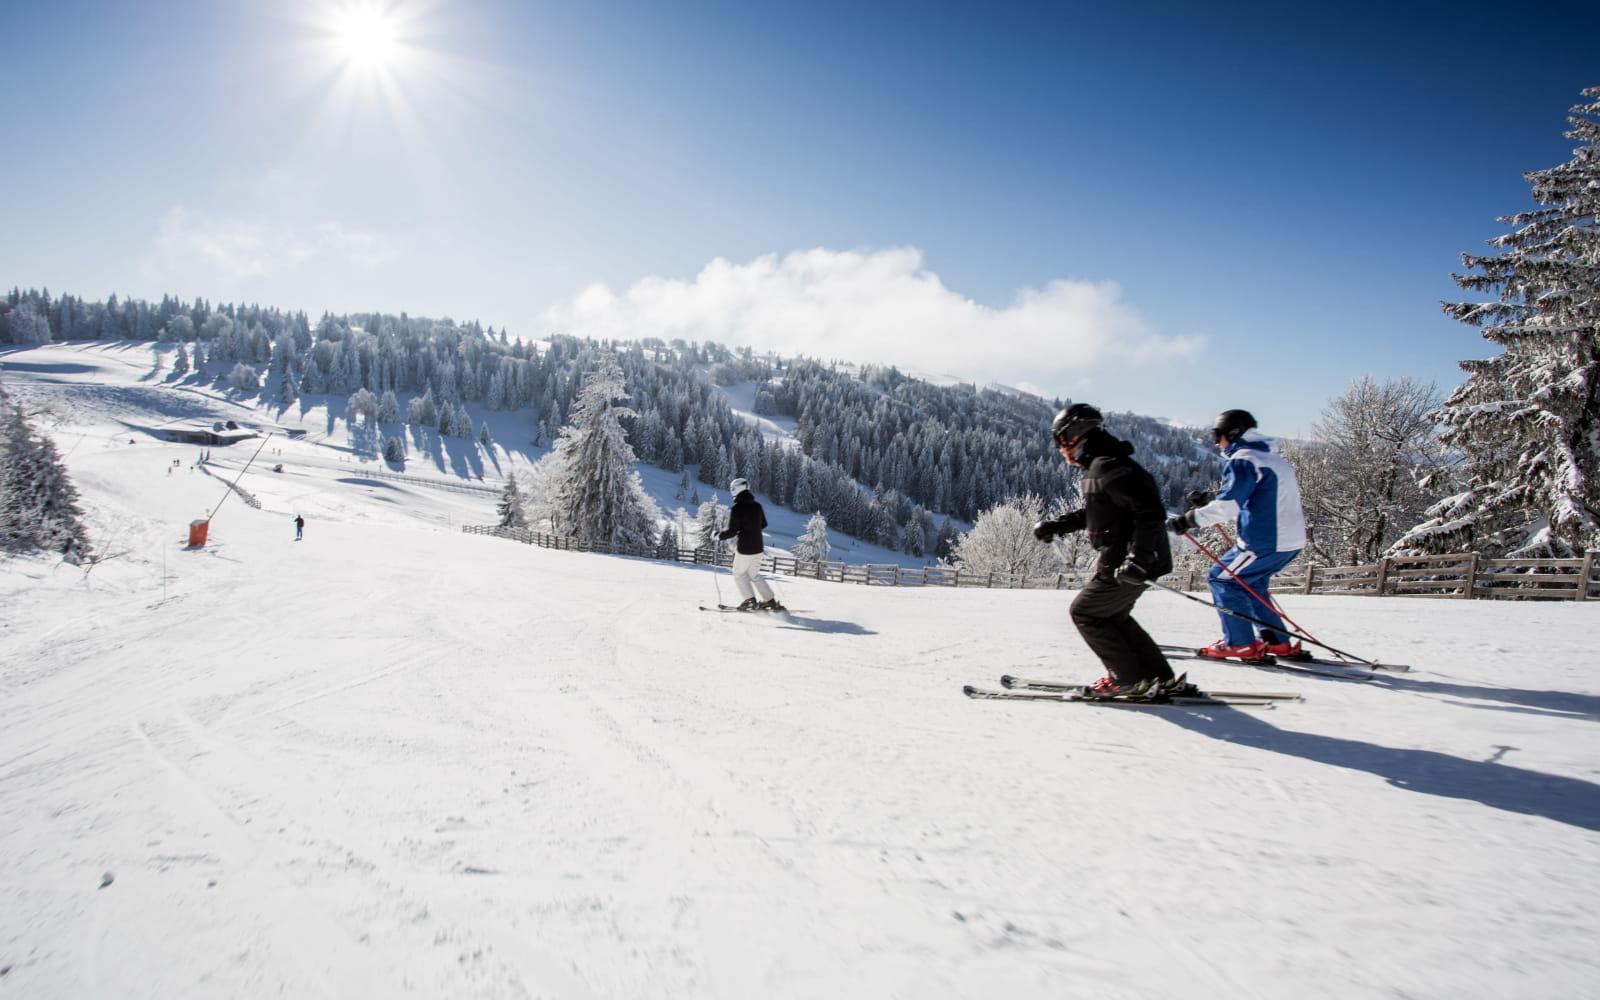 Famille qui dévale les pentes de ski alpin à Métabief